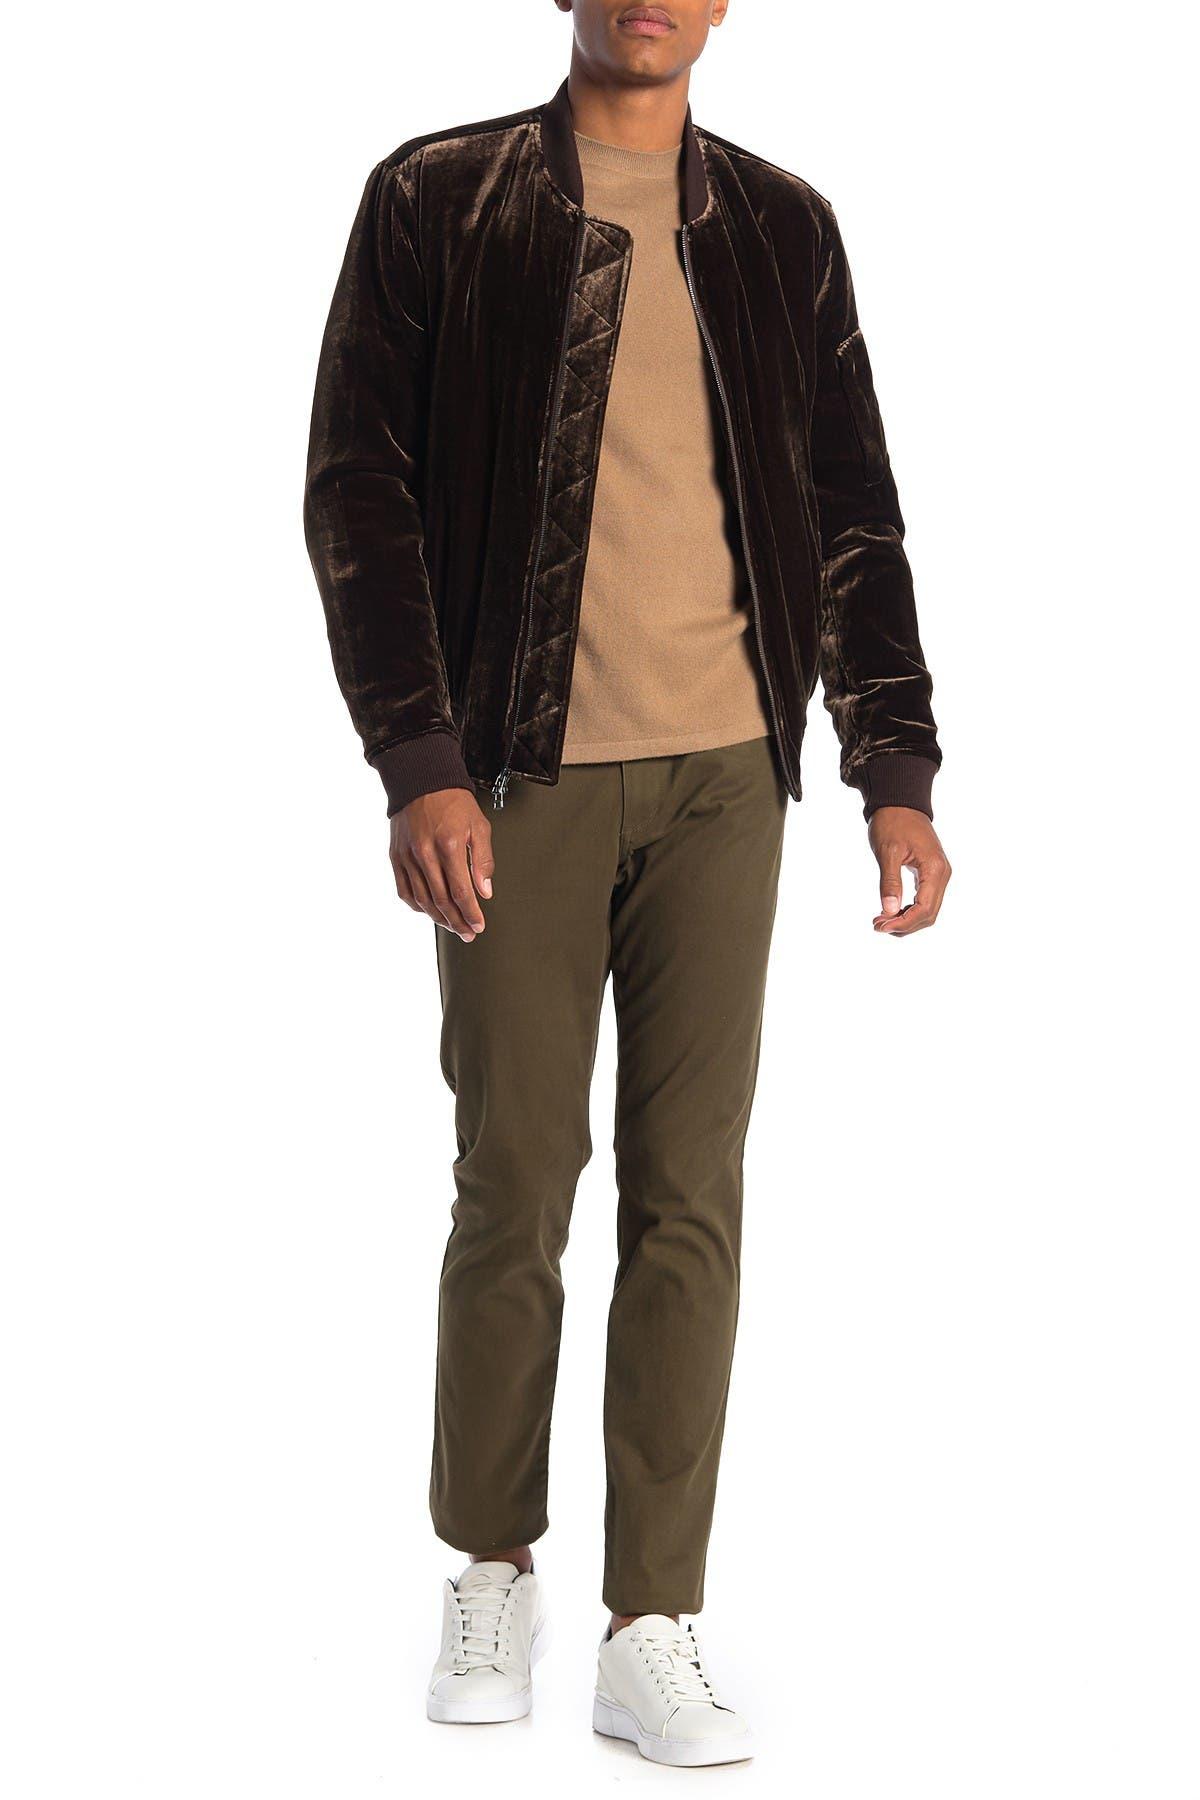 Image of Vince Dylan 5-Pocket Skinny Jeans